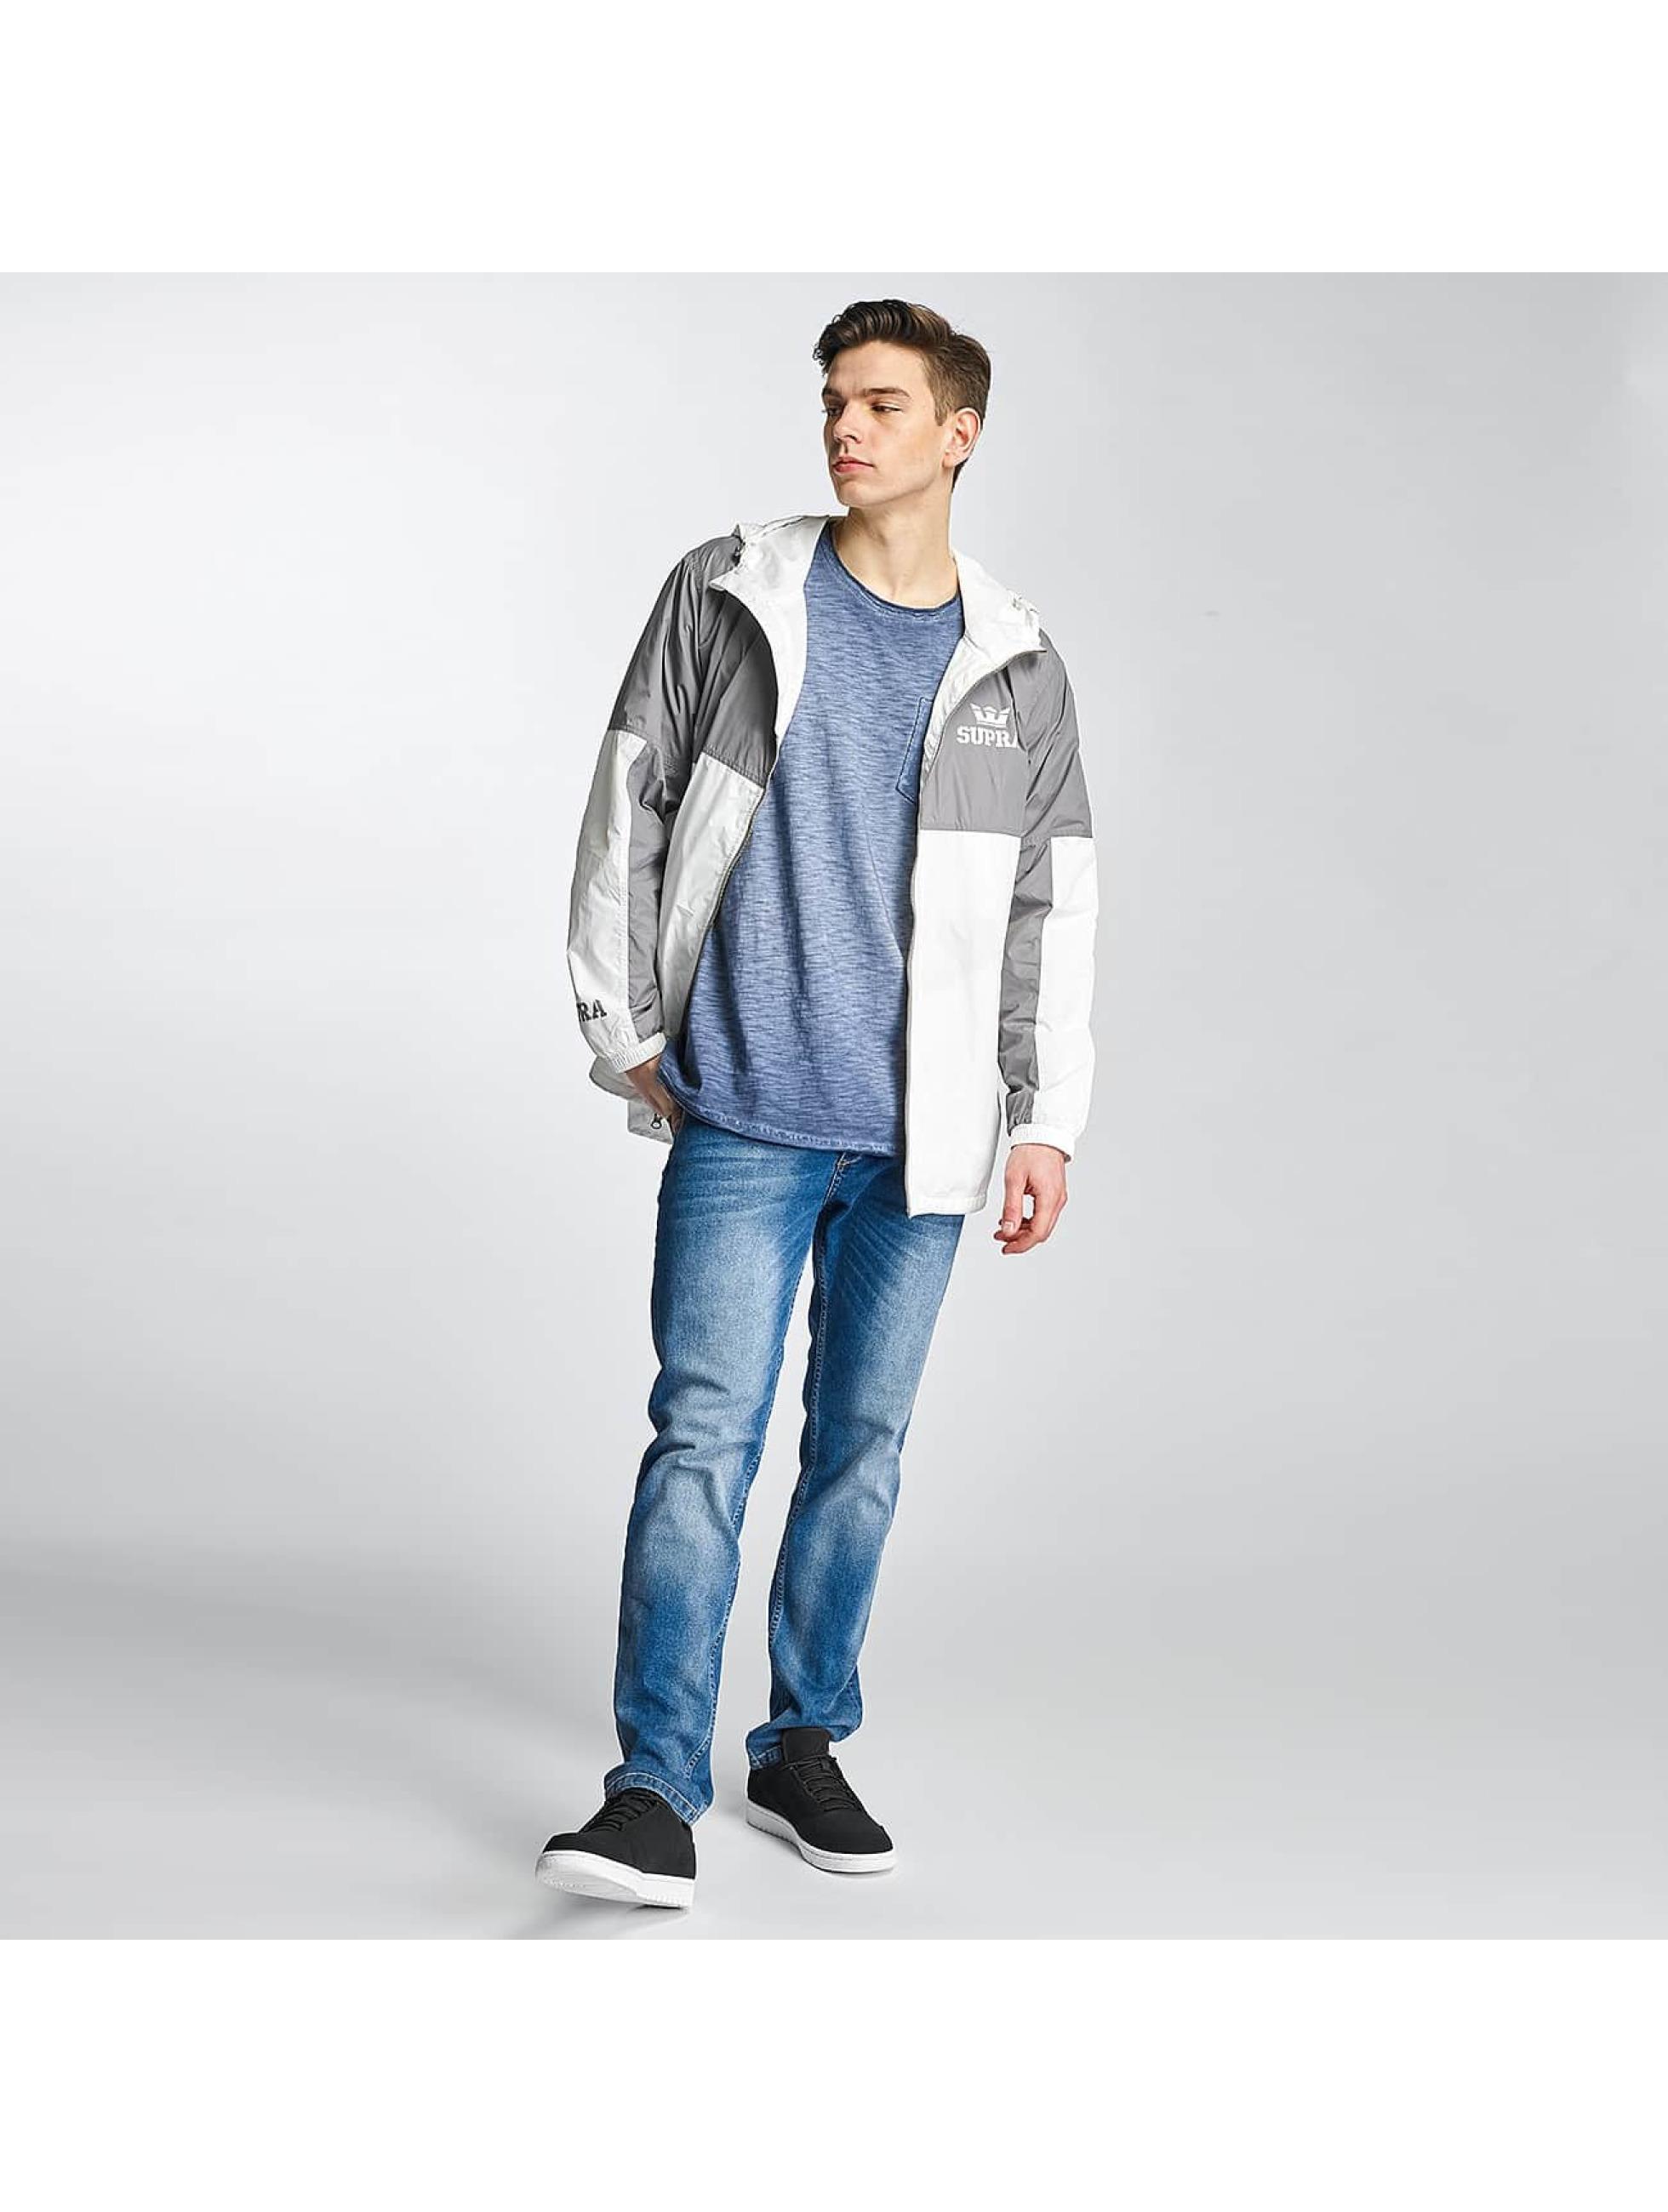 Supra Lightweight Jacket Dash grey